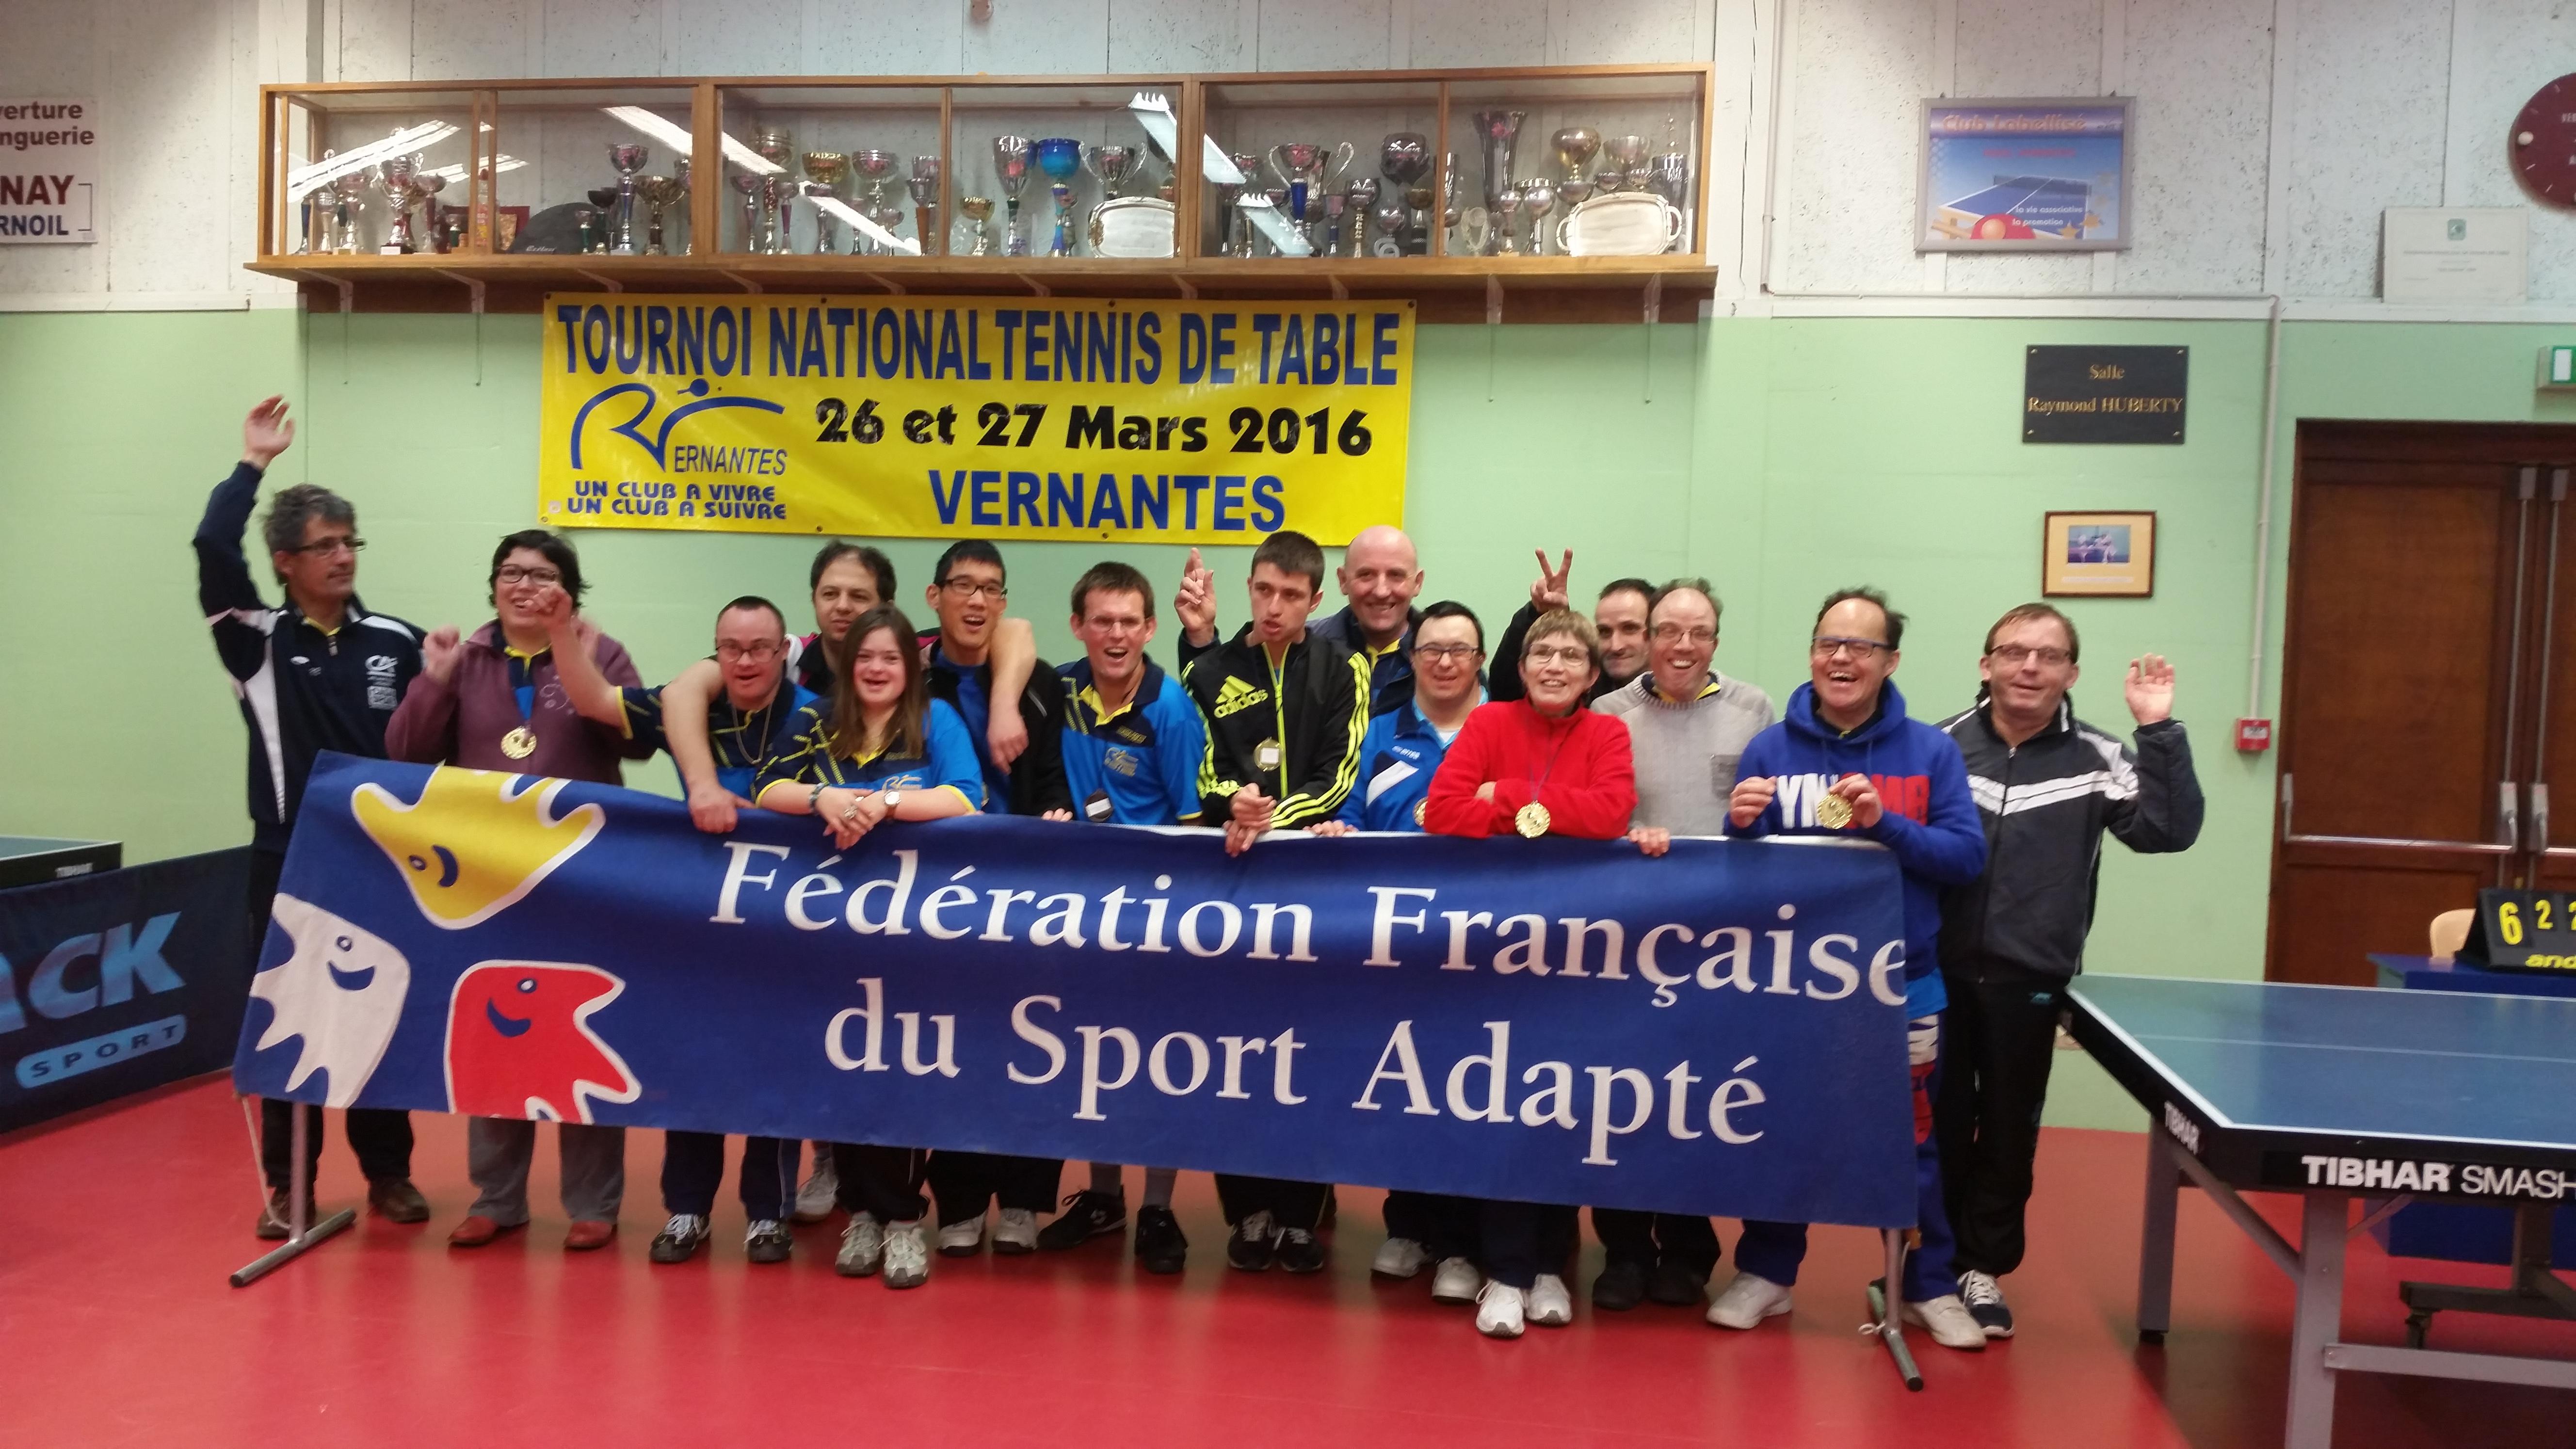 Championnat d partemental tennis de table comit d partemental sport adapt 49 - Wake sport tennis de table ...